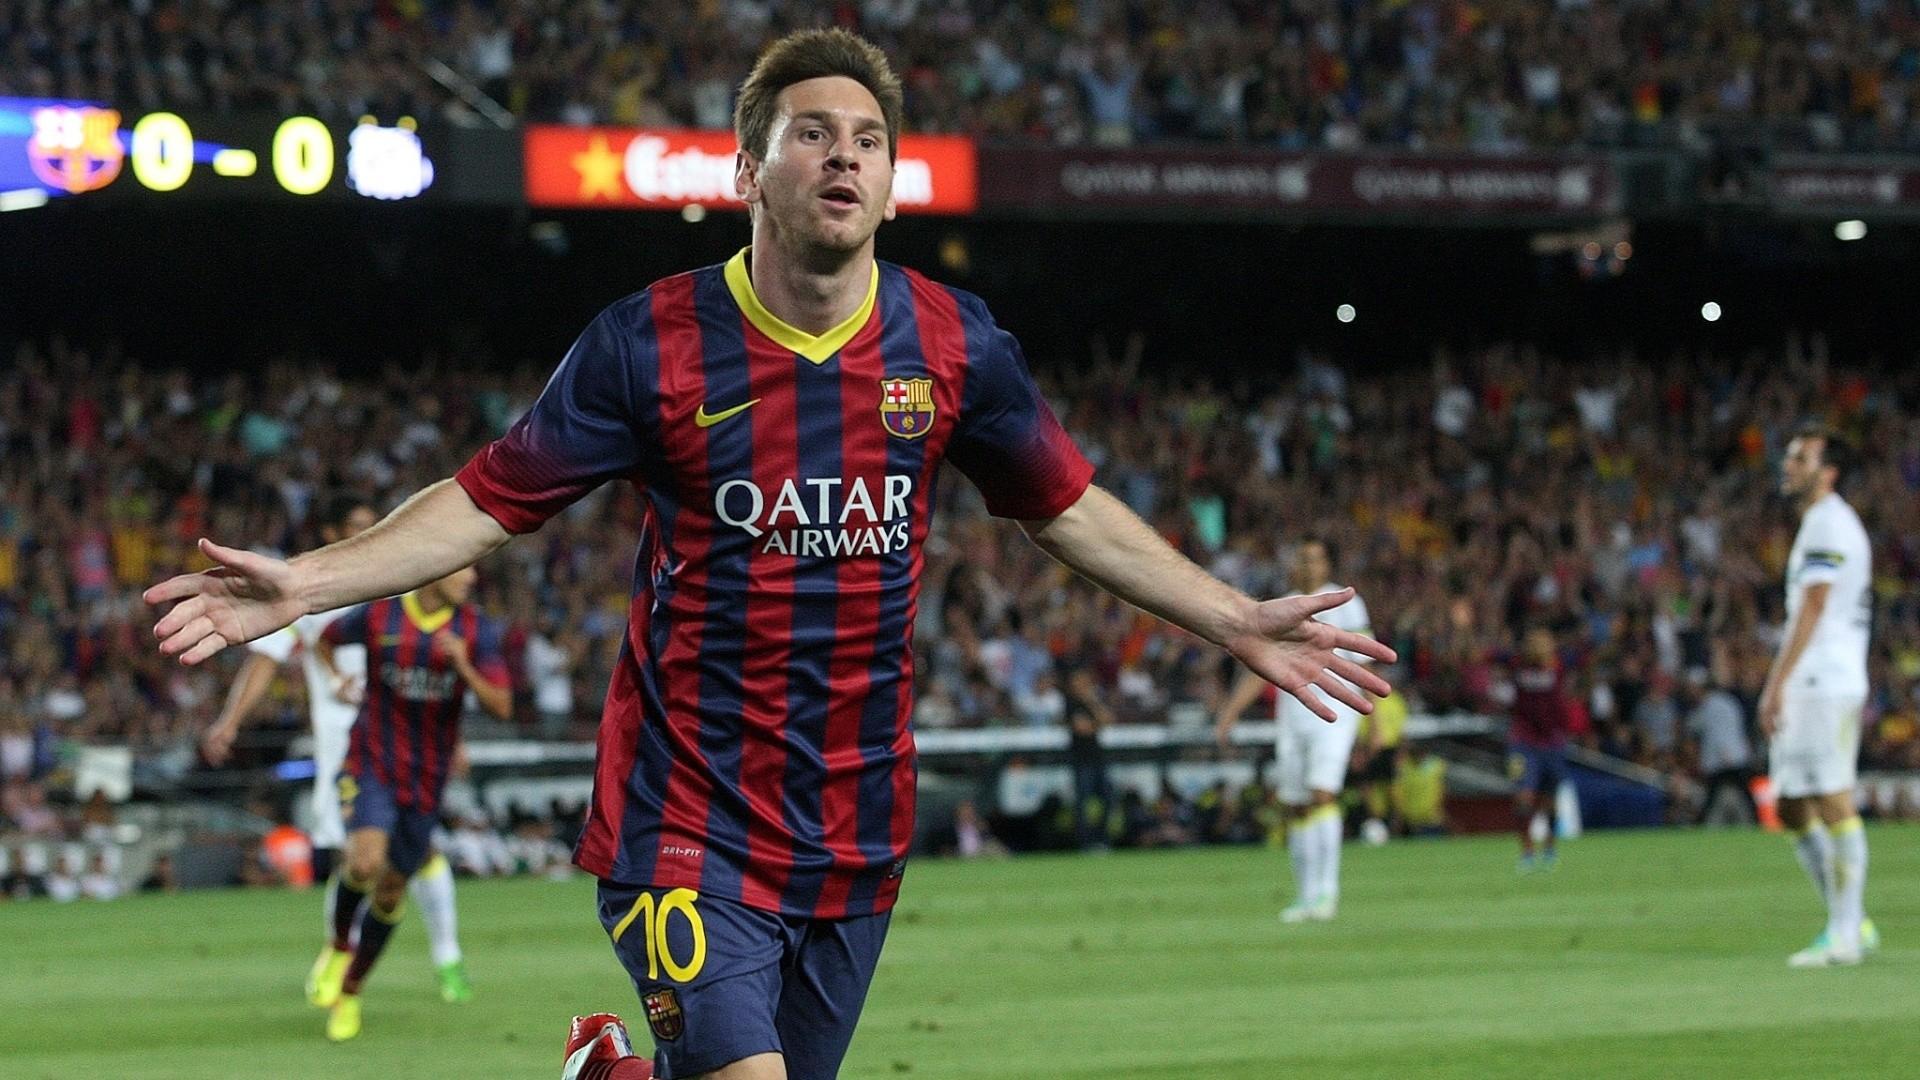 Lionel Messi Barcelona Photos HD Wallpaper For Dekstop